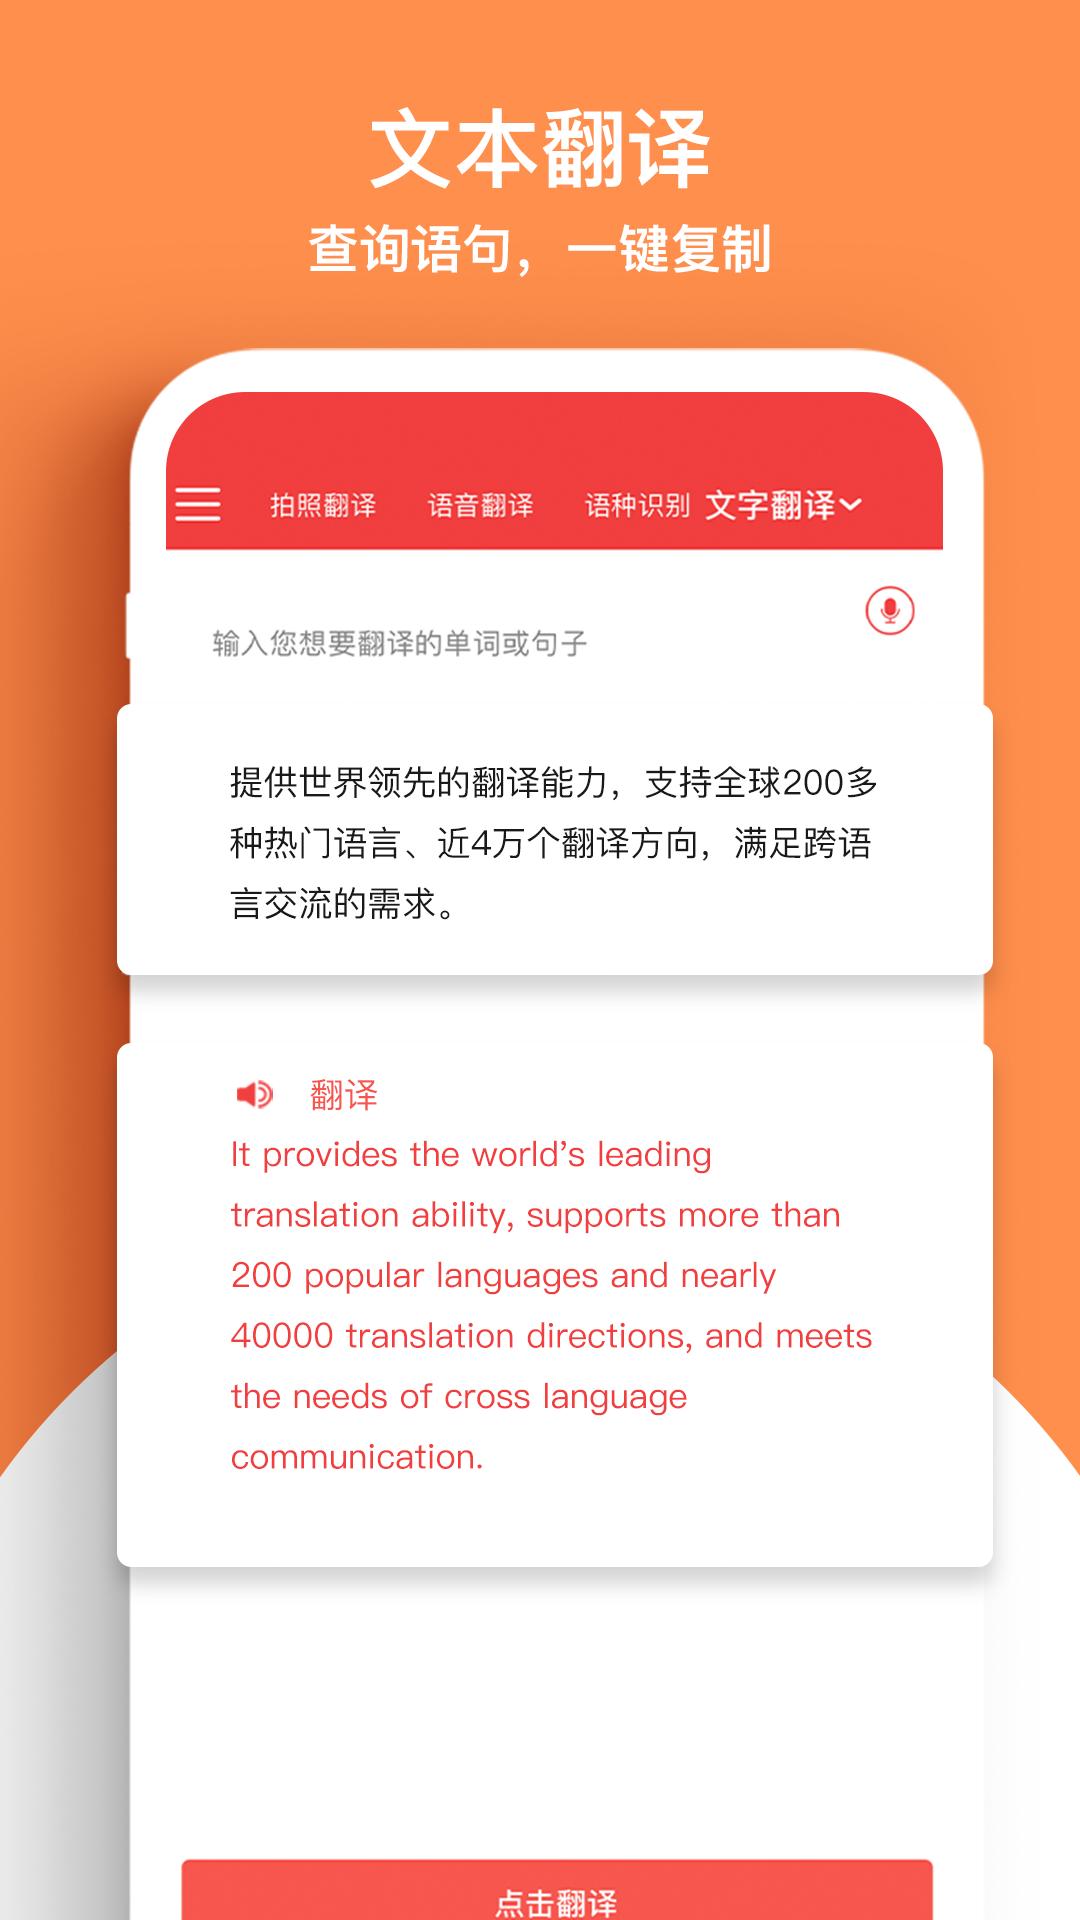 辰星拍照翻译app专业版1.0最新版截图1